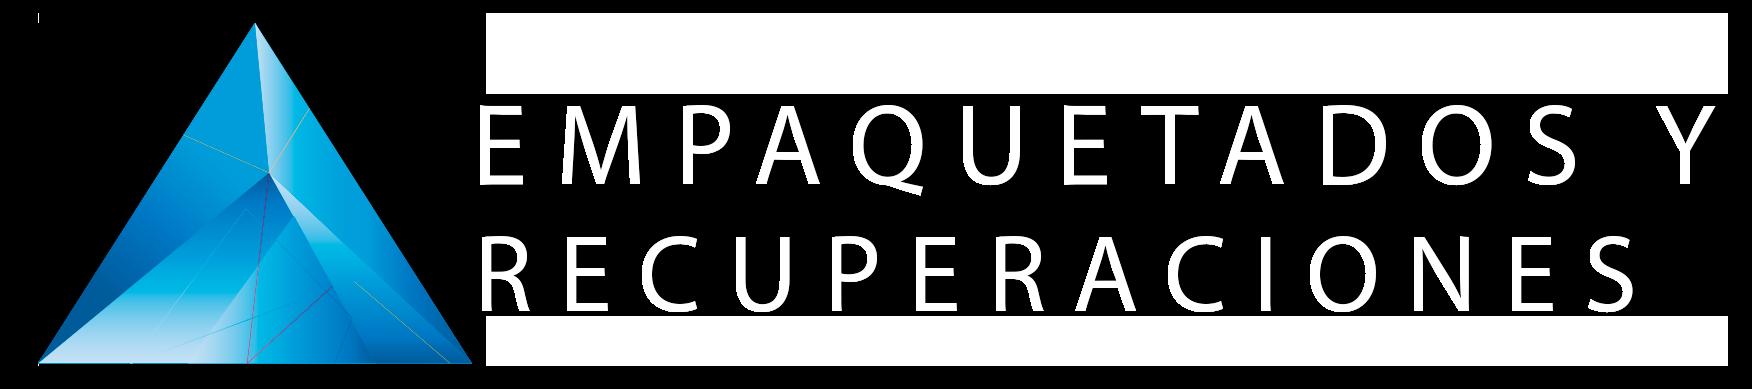 Logo empaquetados y recuperaciones